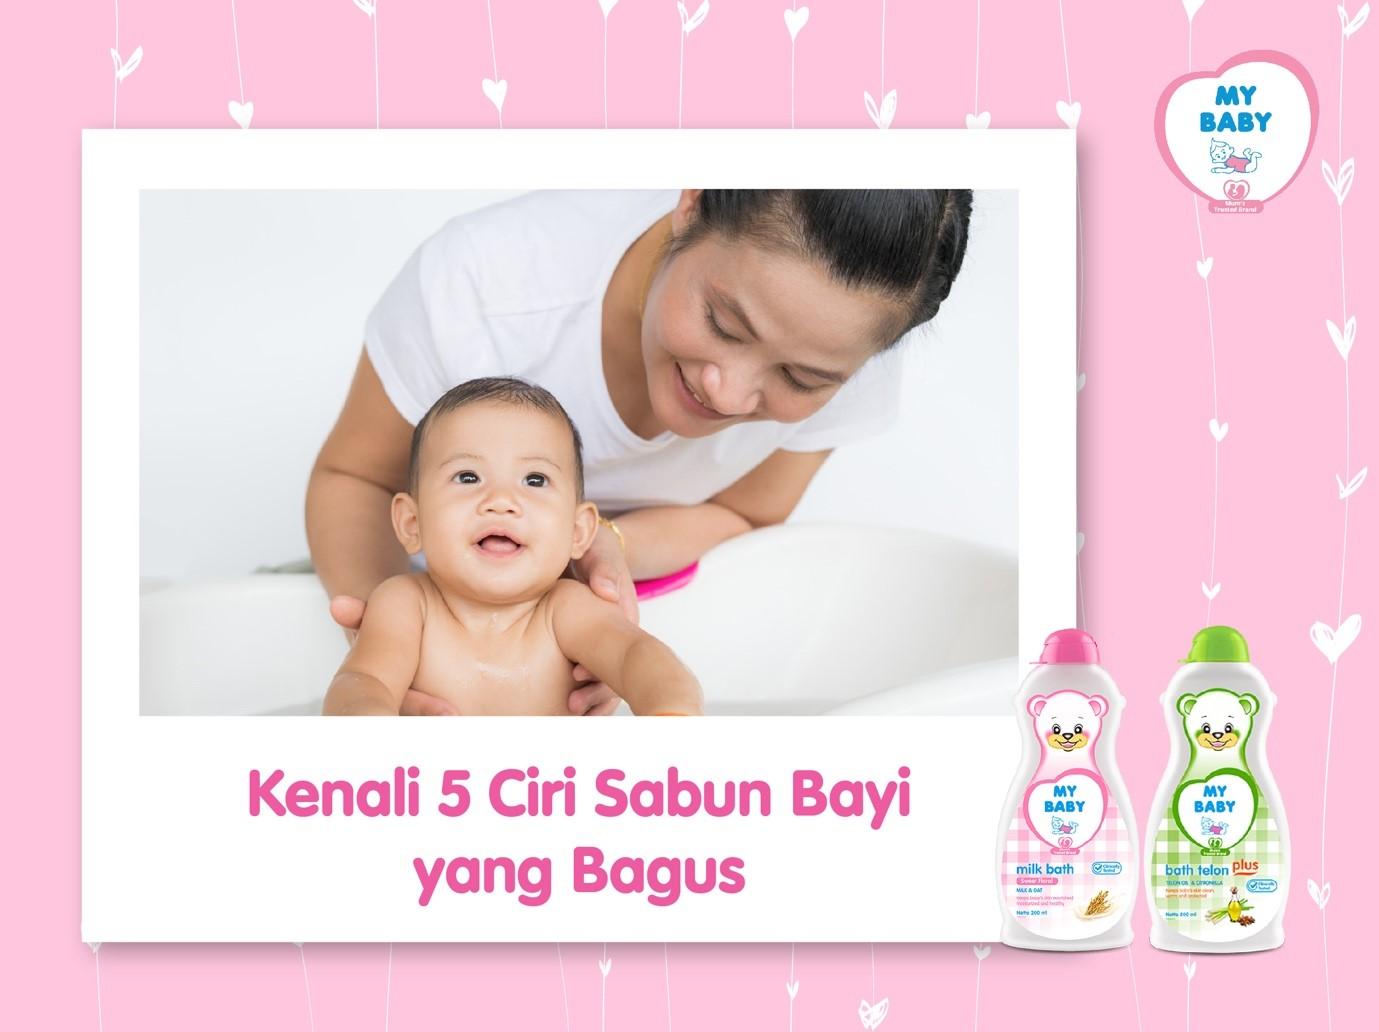 Kenali 5 Ciri Sabun Bayi Yang Bagus